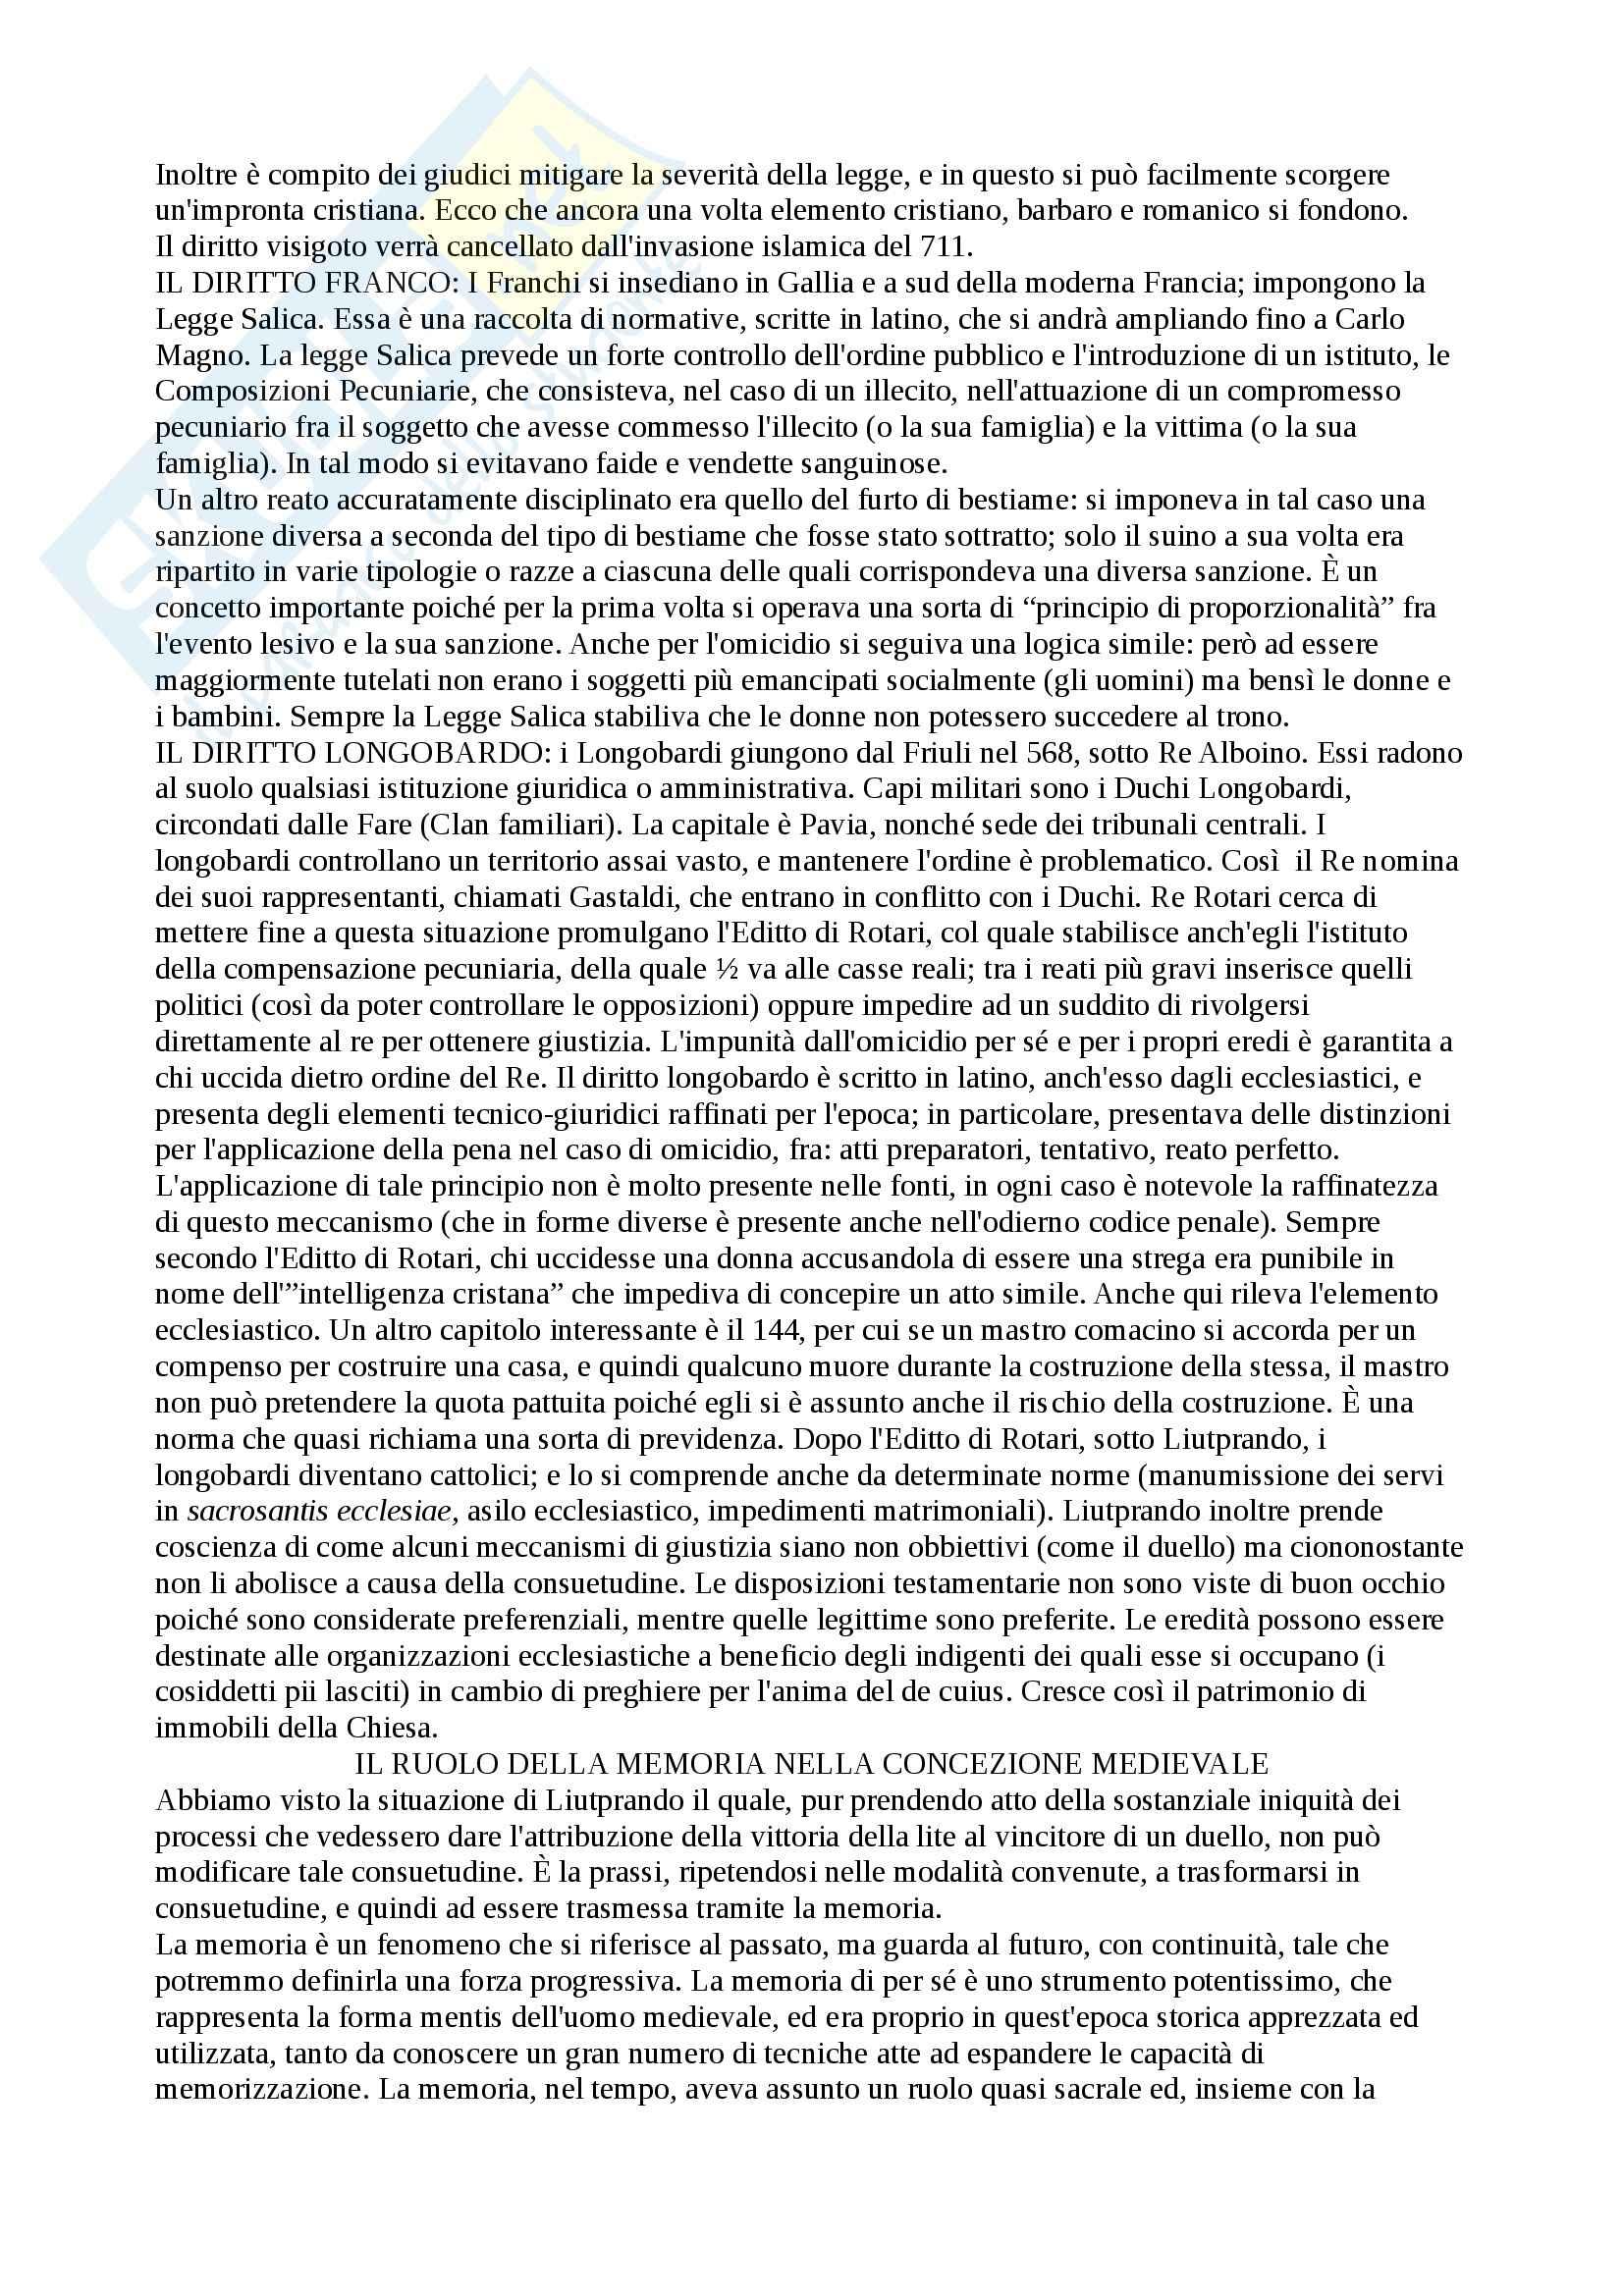 Storia del diritto medievale e moderno - Appunti Pag. 6